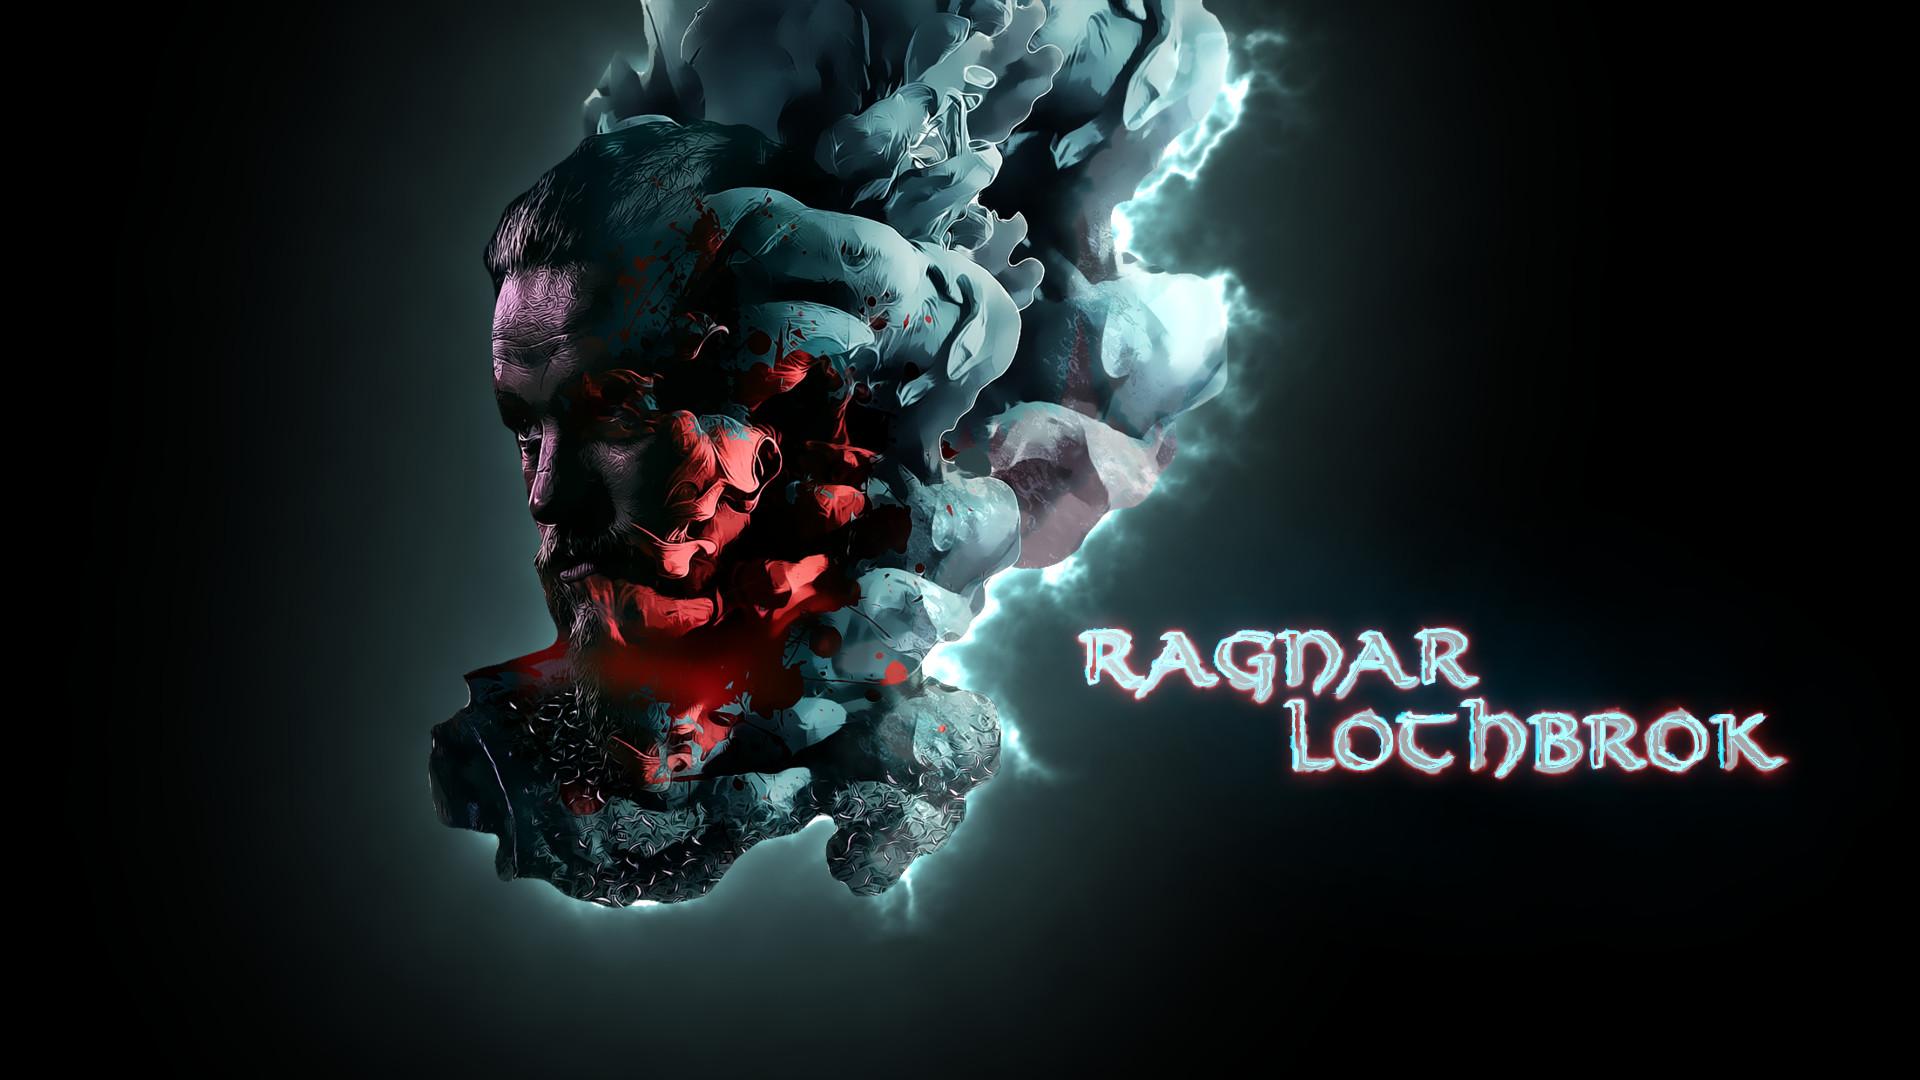 Kevin Kuteli Ragnar Lothbrok